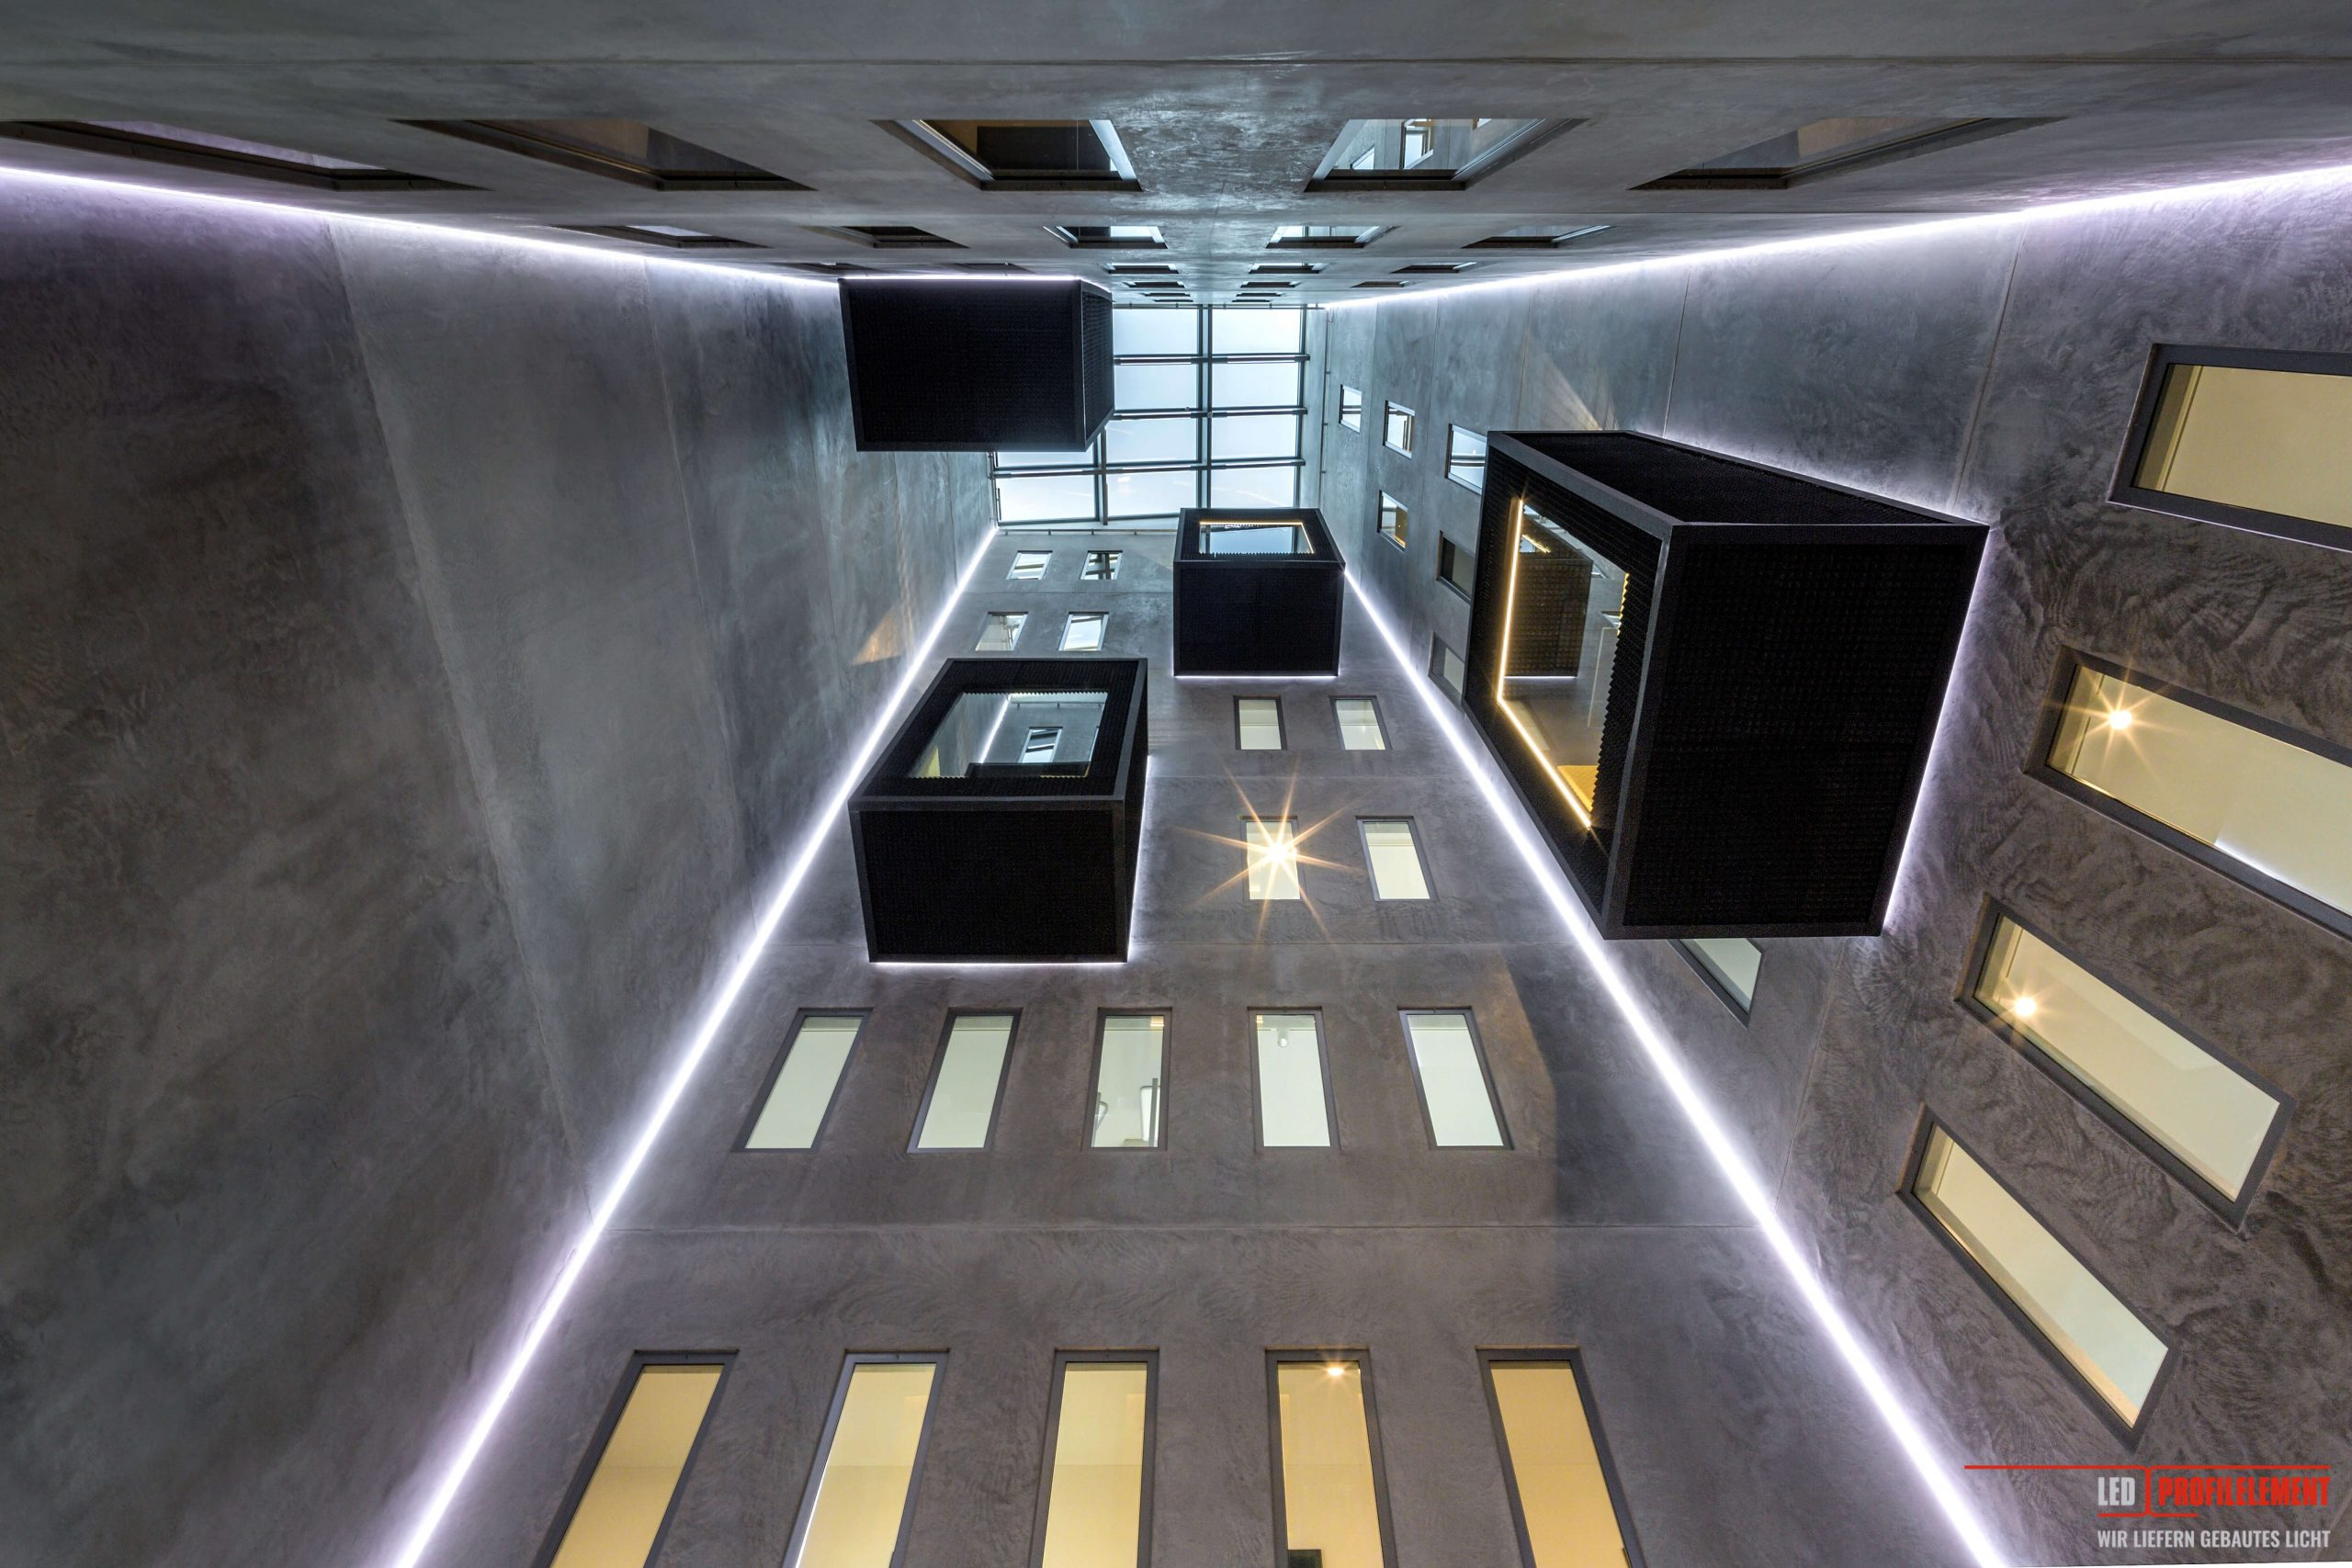 Full Size of Led Profilelement Lichtdesign Konzept Realisierungxd83exdd47 Deckenleuchte Küche Wohnzimmer Bad Indirekte Beleuchtung Deckenlampe Badezimmer Spiegelschrank Wohnzimmer Indirekte Beleuchtung Decke